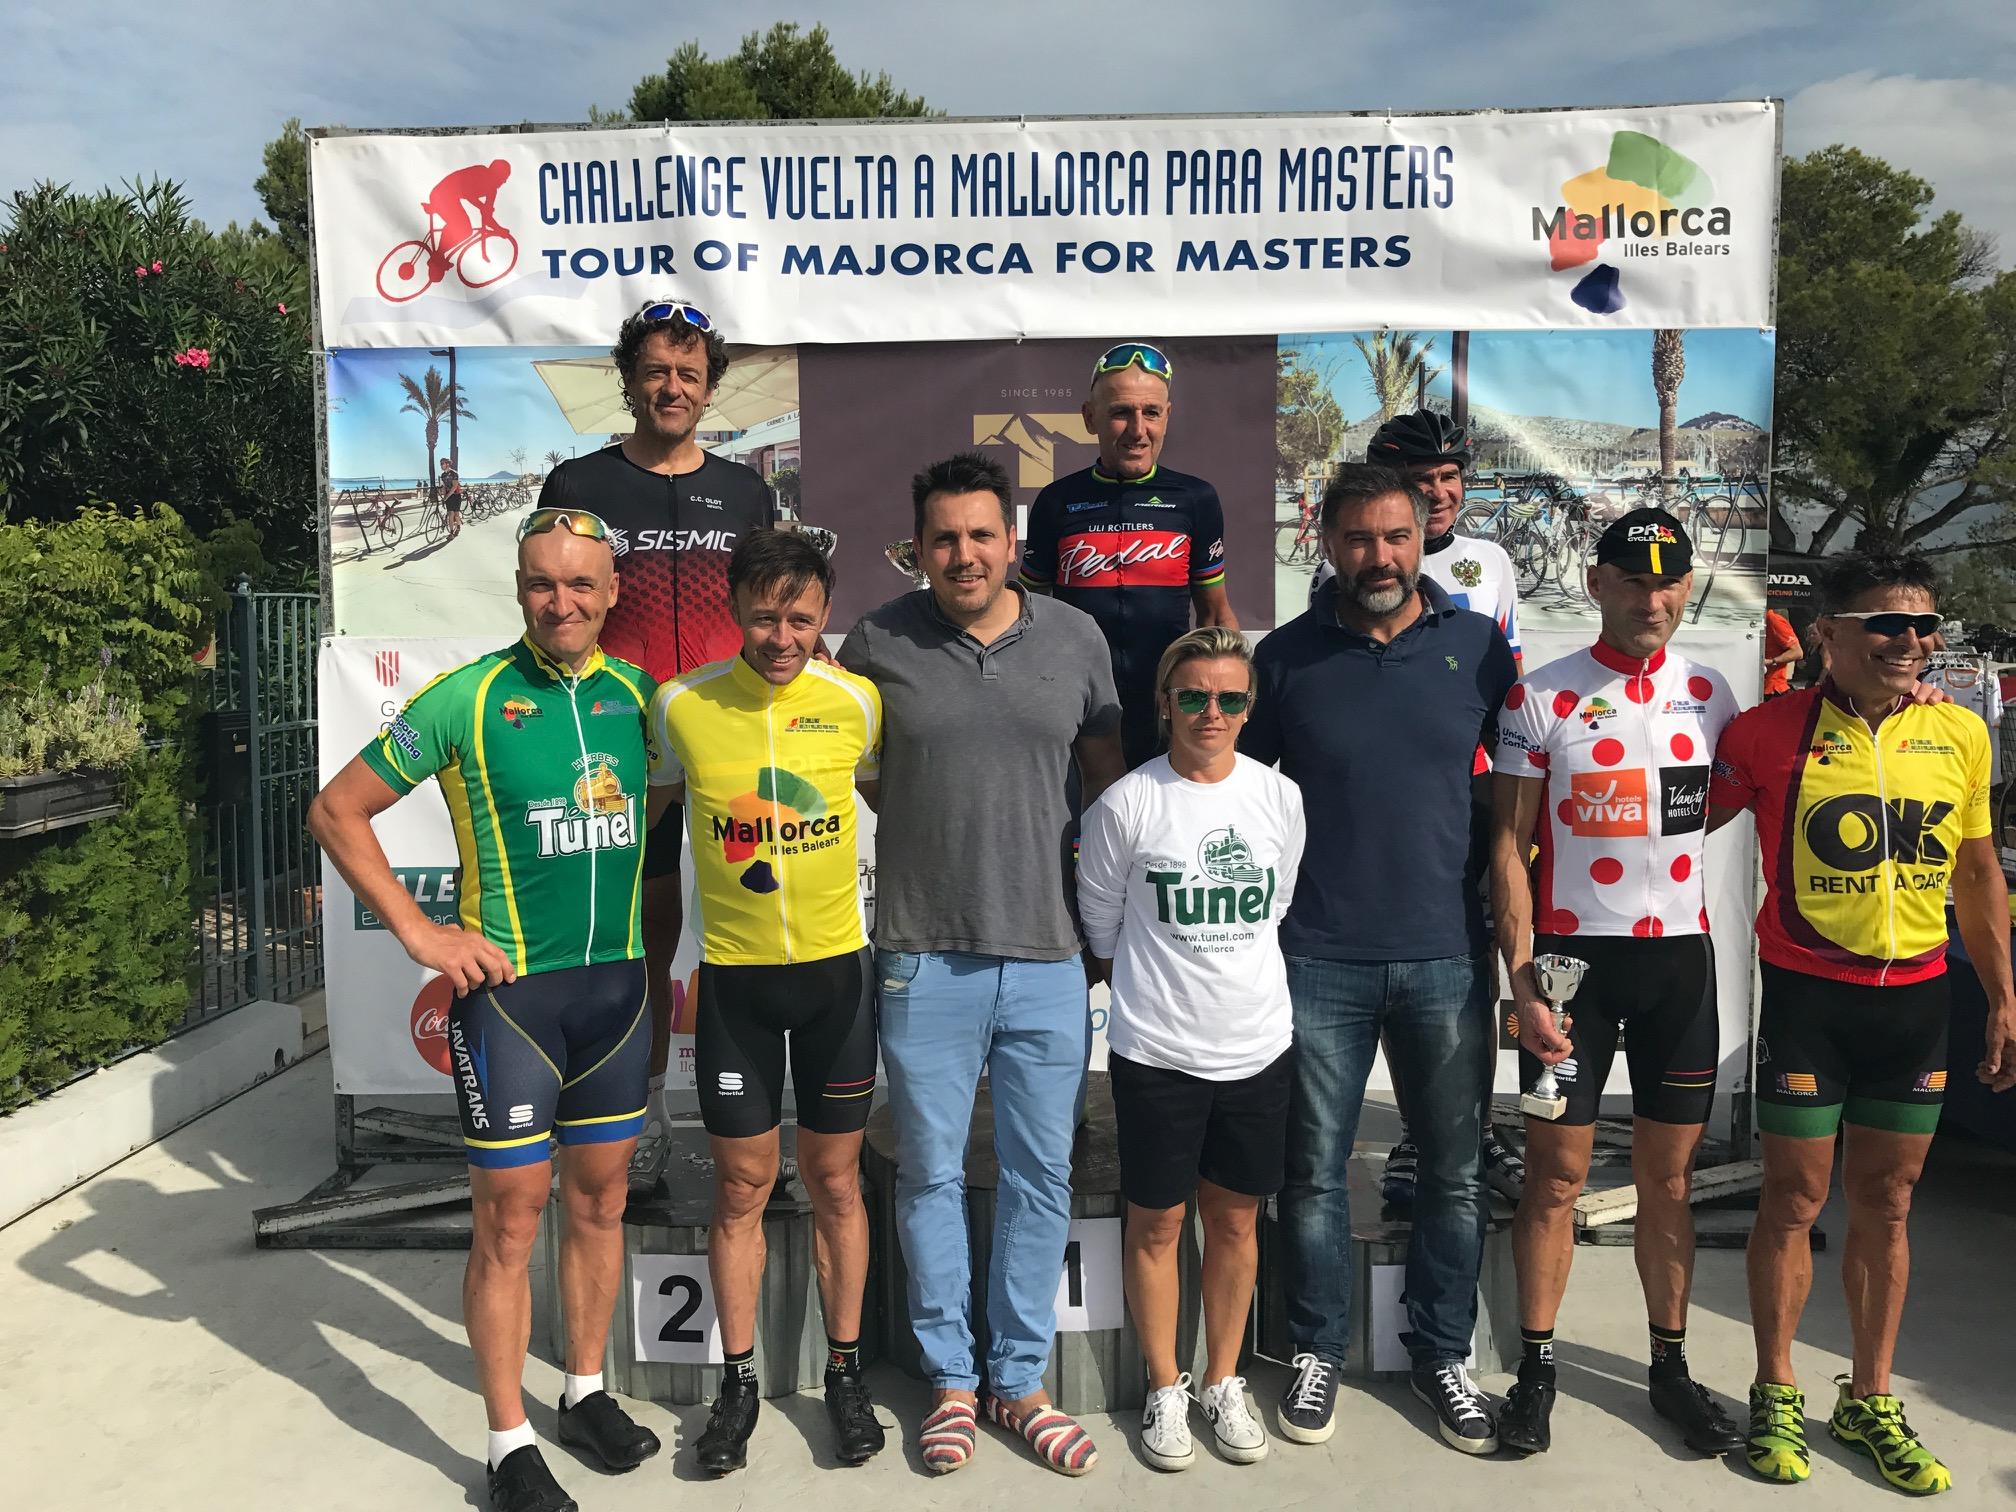 ChallengeVueltaMallorca2017_2a_etapa_podium_02